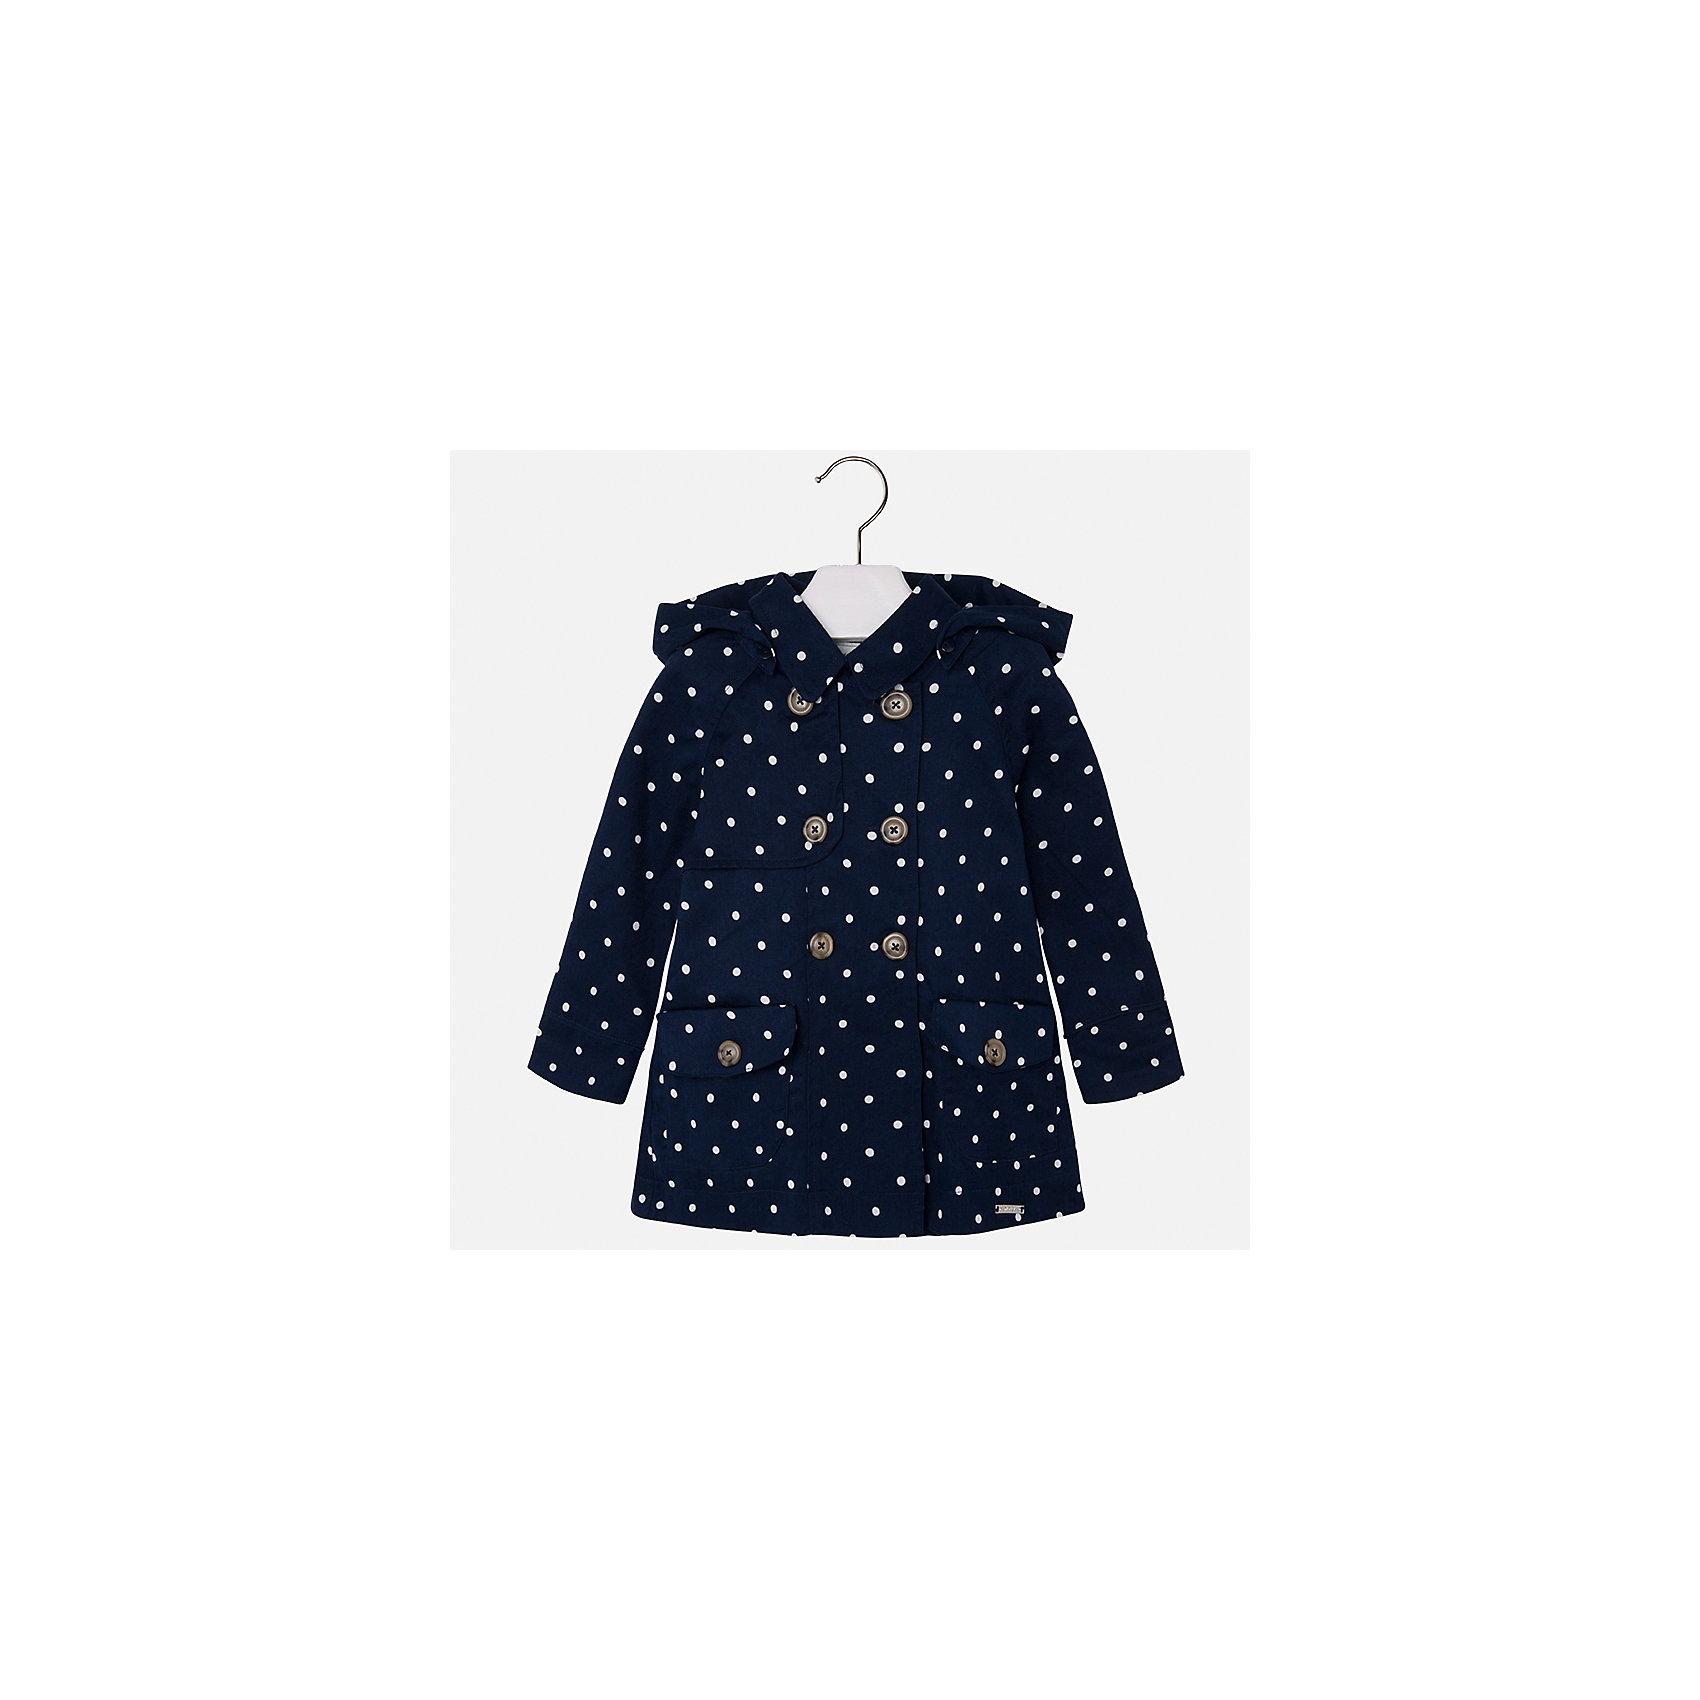 Плащ для девочки MayoralВерхняя одежда<br>Характеристики товара:<br><br>• цвет: темно-синий<br>• состав: 100% хлопок<br>• застежка: пуговицы<br>• карманы<br>• с длинными рукавами <br>• капюшон<br>• классический силуэт<br>• пуговицы в два ряда<br>• страна бренда: Испания<br><br>Легкий удобный плащ для девочки поможет разнообразить гардероб ребенка и обеспечить тепло в прохладную погоду. Он отлично сочетается и с юбками, и с брюками. Красивый цвет позволяет подобрать к вещи обувь различных расцветок. Интересная отделка модели делает её нарядной и стильной. <br><br>Одежда, обувь и аксессуары от испанского бренда Mayoral полюбились детям и взрослым по всему миру. Модели этой марки - стильные и удобные. Для их производства используются только безопасные, качественные материалы и фурнитура. Порадуйте ребенка модными и красивыми вещами от Mayoral! <br><br>Плащ для девочки от испанского бренда Mayoral (Майорал) можно купить в нашем интернет-магазине.<br><br>Ширина мм: 356<br>Глубина мм: 10<br>Высота мм: 245<br>Вес г: 519<br>Цвет: белый<br>Возраст от месяцев: 18<br>Возраст до месяцев: 24<br>Пол: Женский<br>Возраст: Детский<br>Размер: 92,104,110,116,122,128,134,98<br>SKU: 5290278